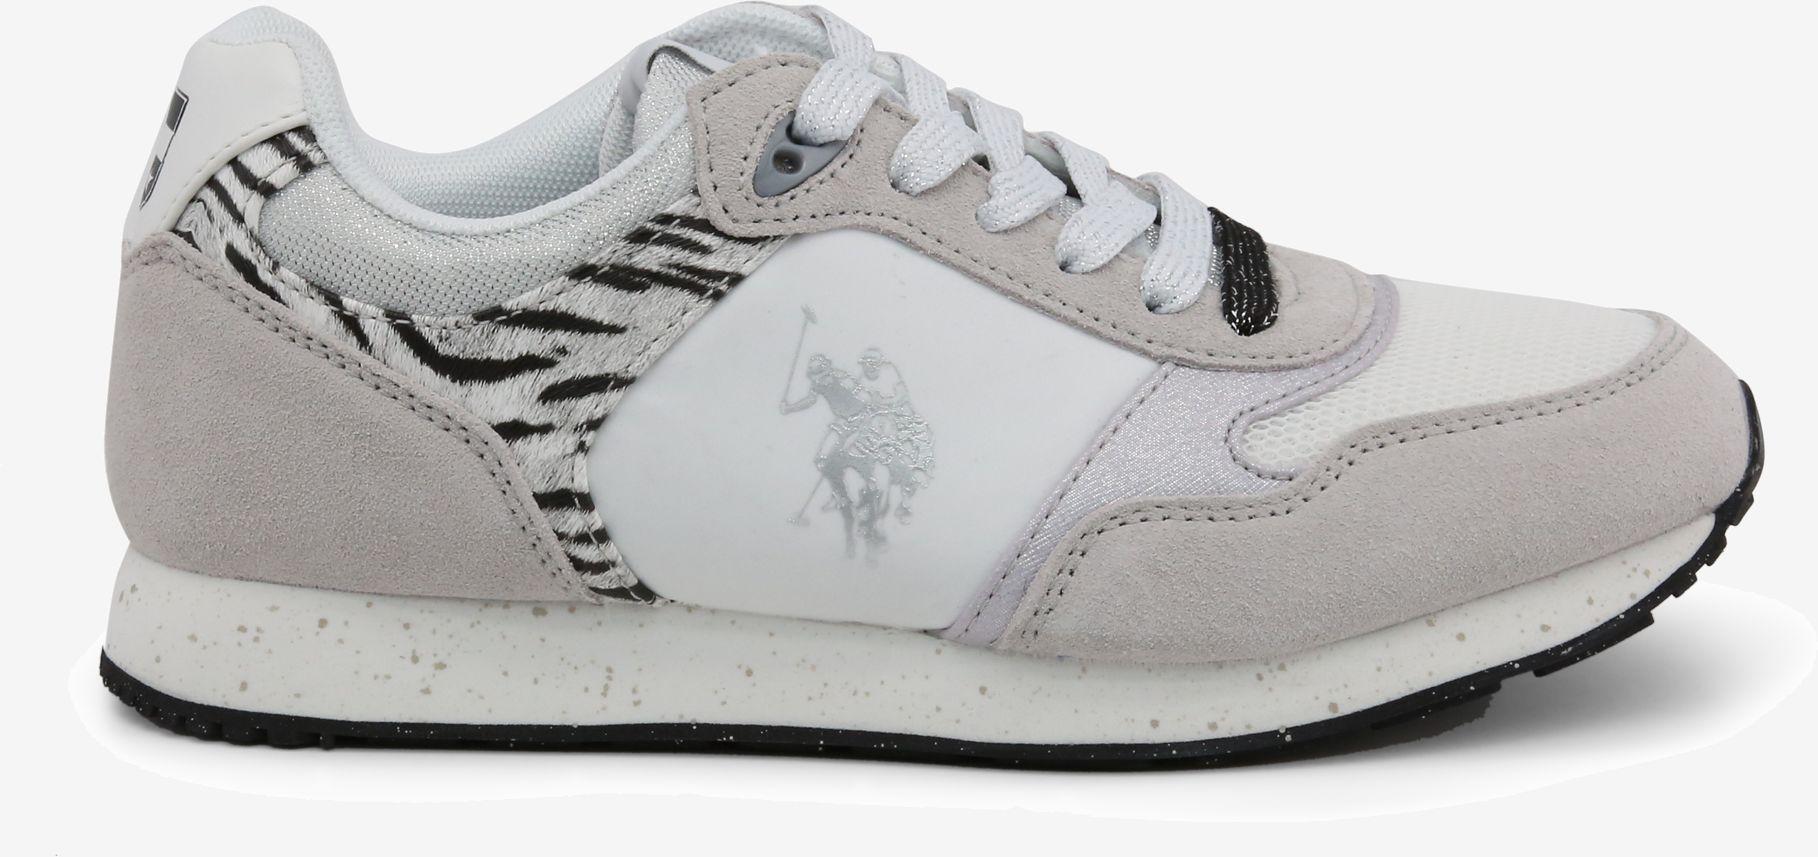 U.S. Polo Assn. Sneakersy Damskie FREE4030S8_LT1_WHI-ZEB 40